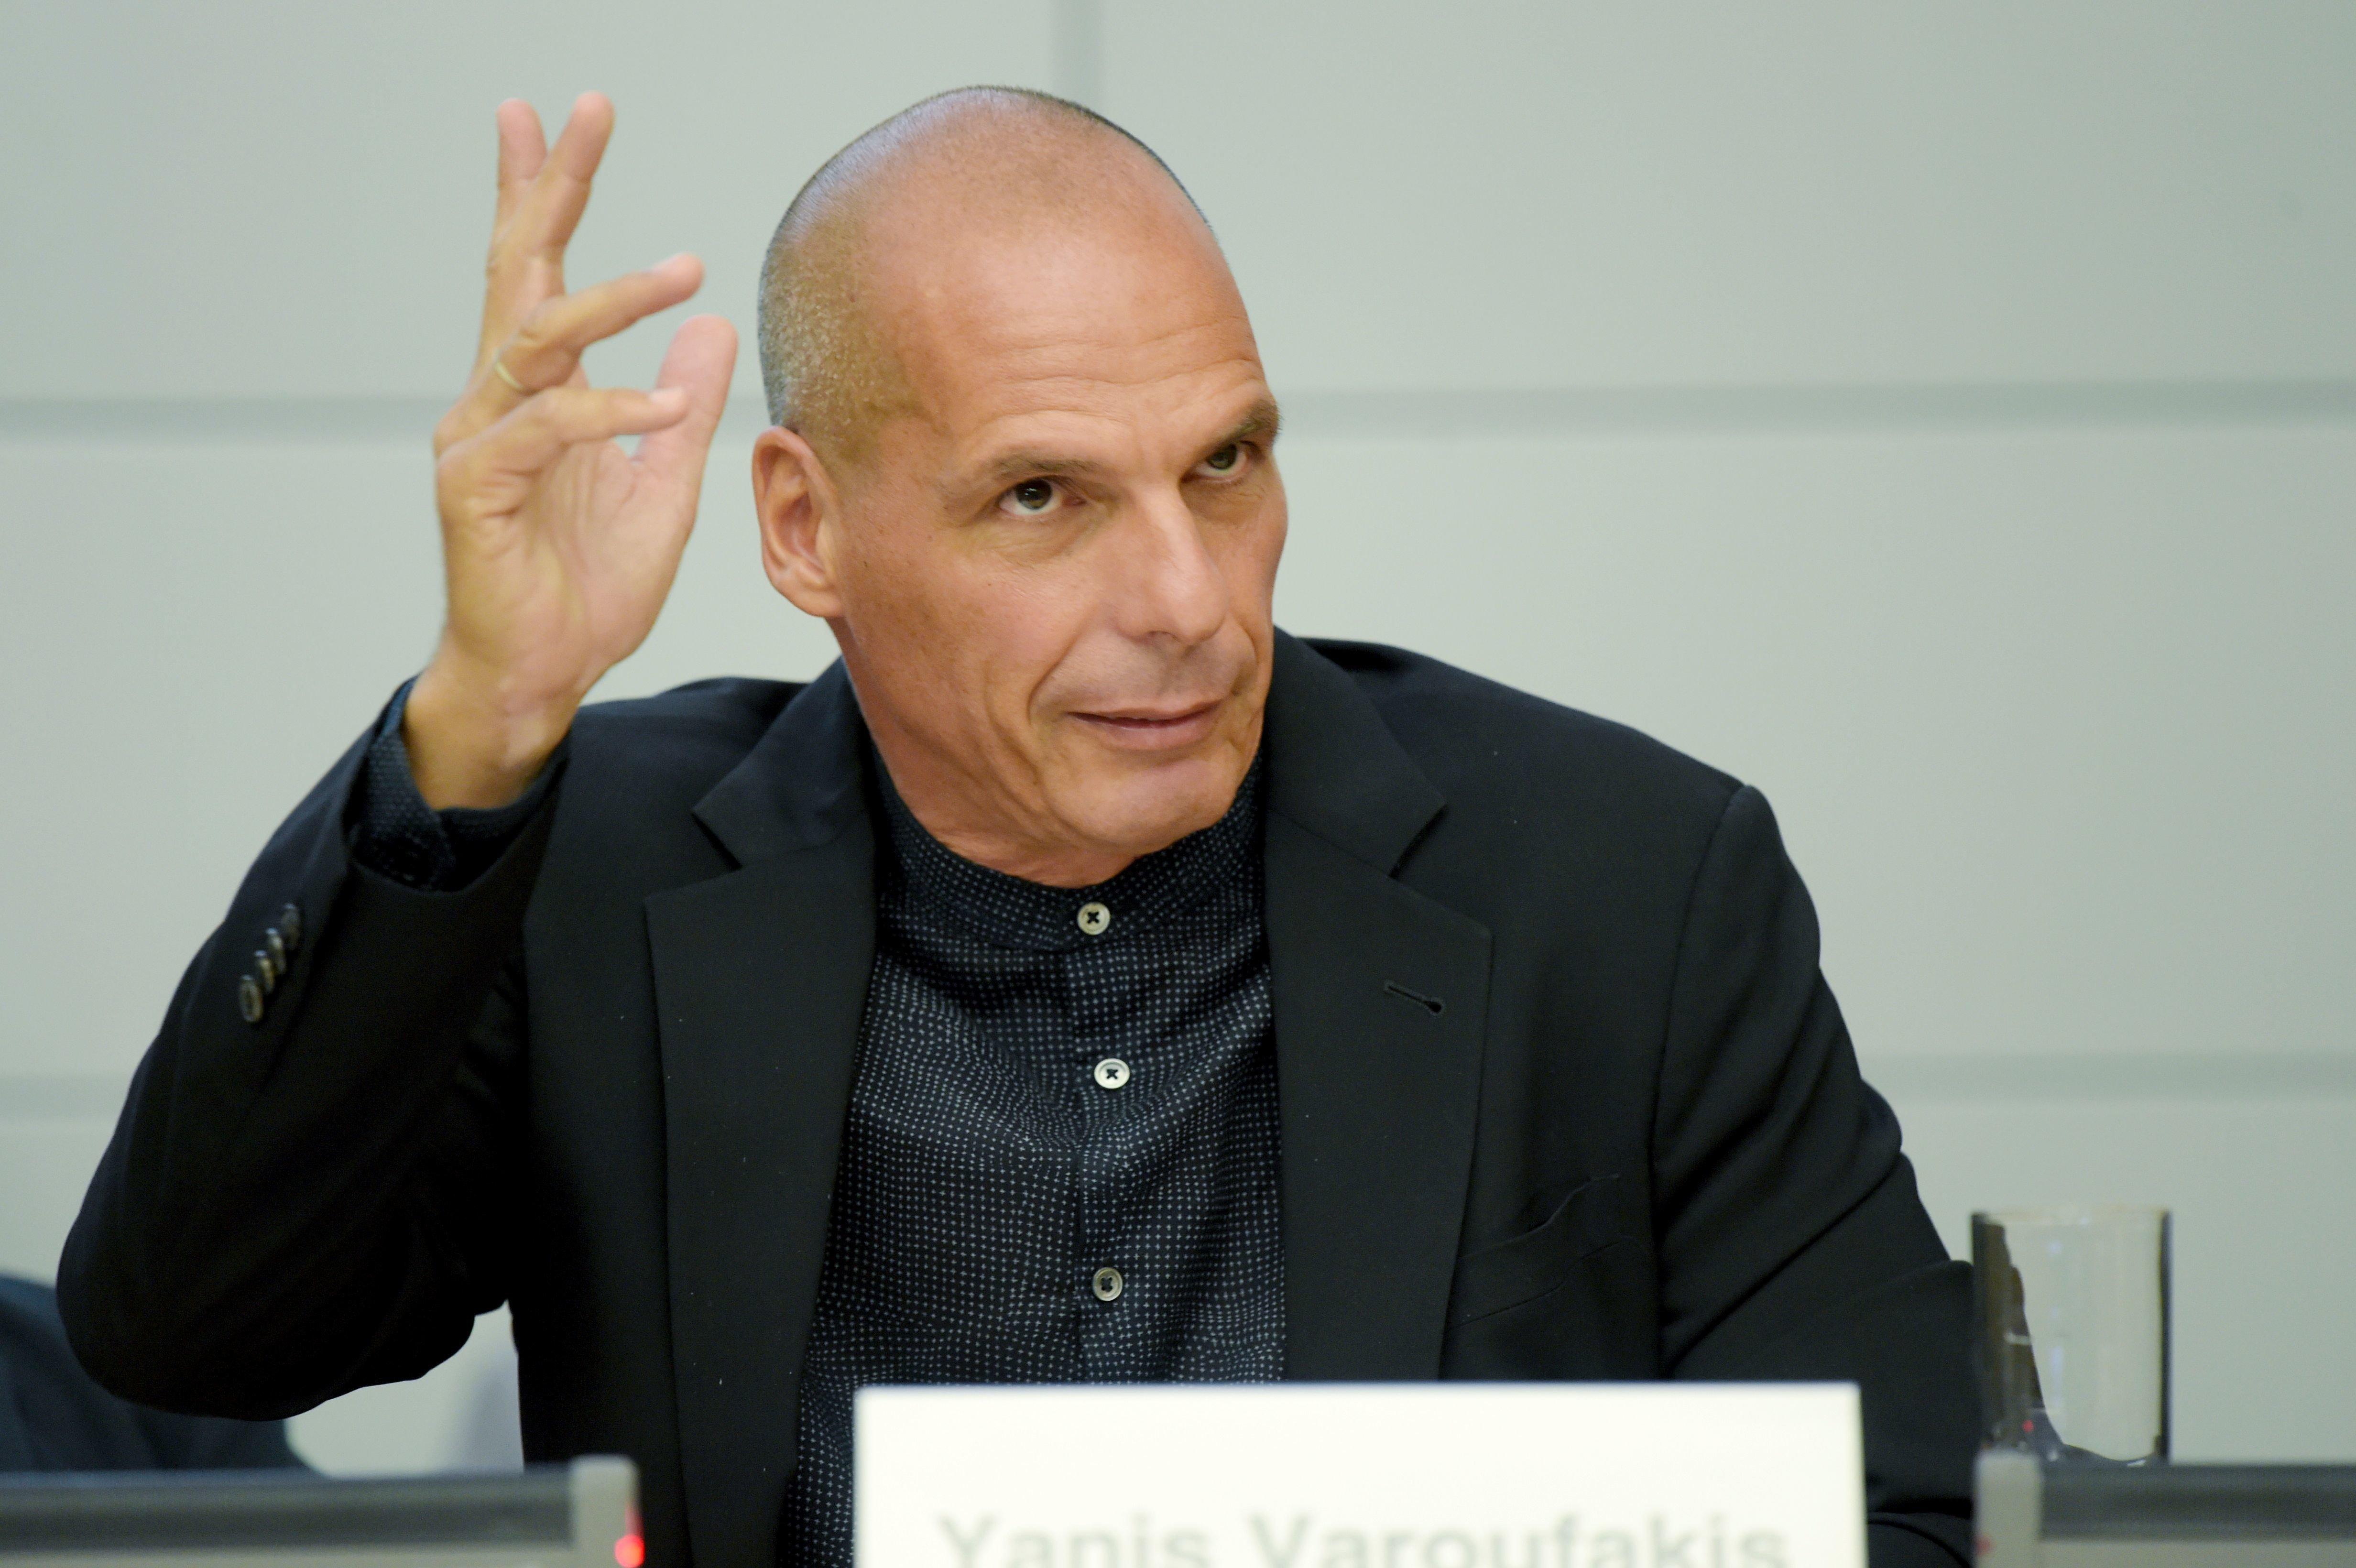 Βαρουφάκης: Ματέο Σαλβίνι, θα με βρίσκεις μπροστά σου παντού!